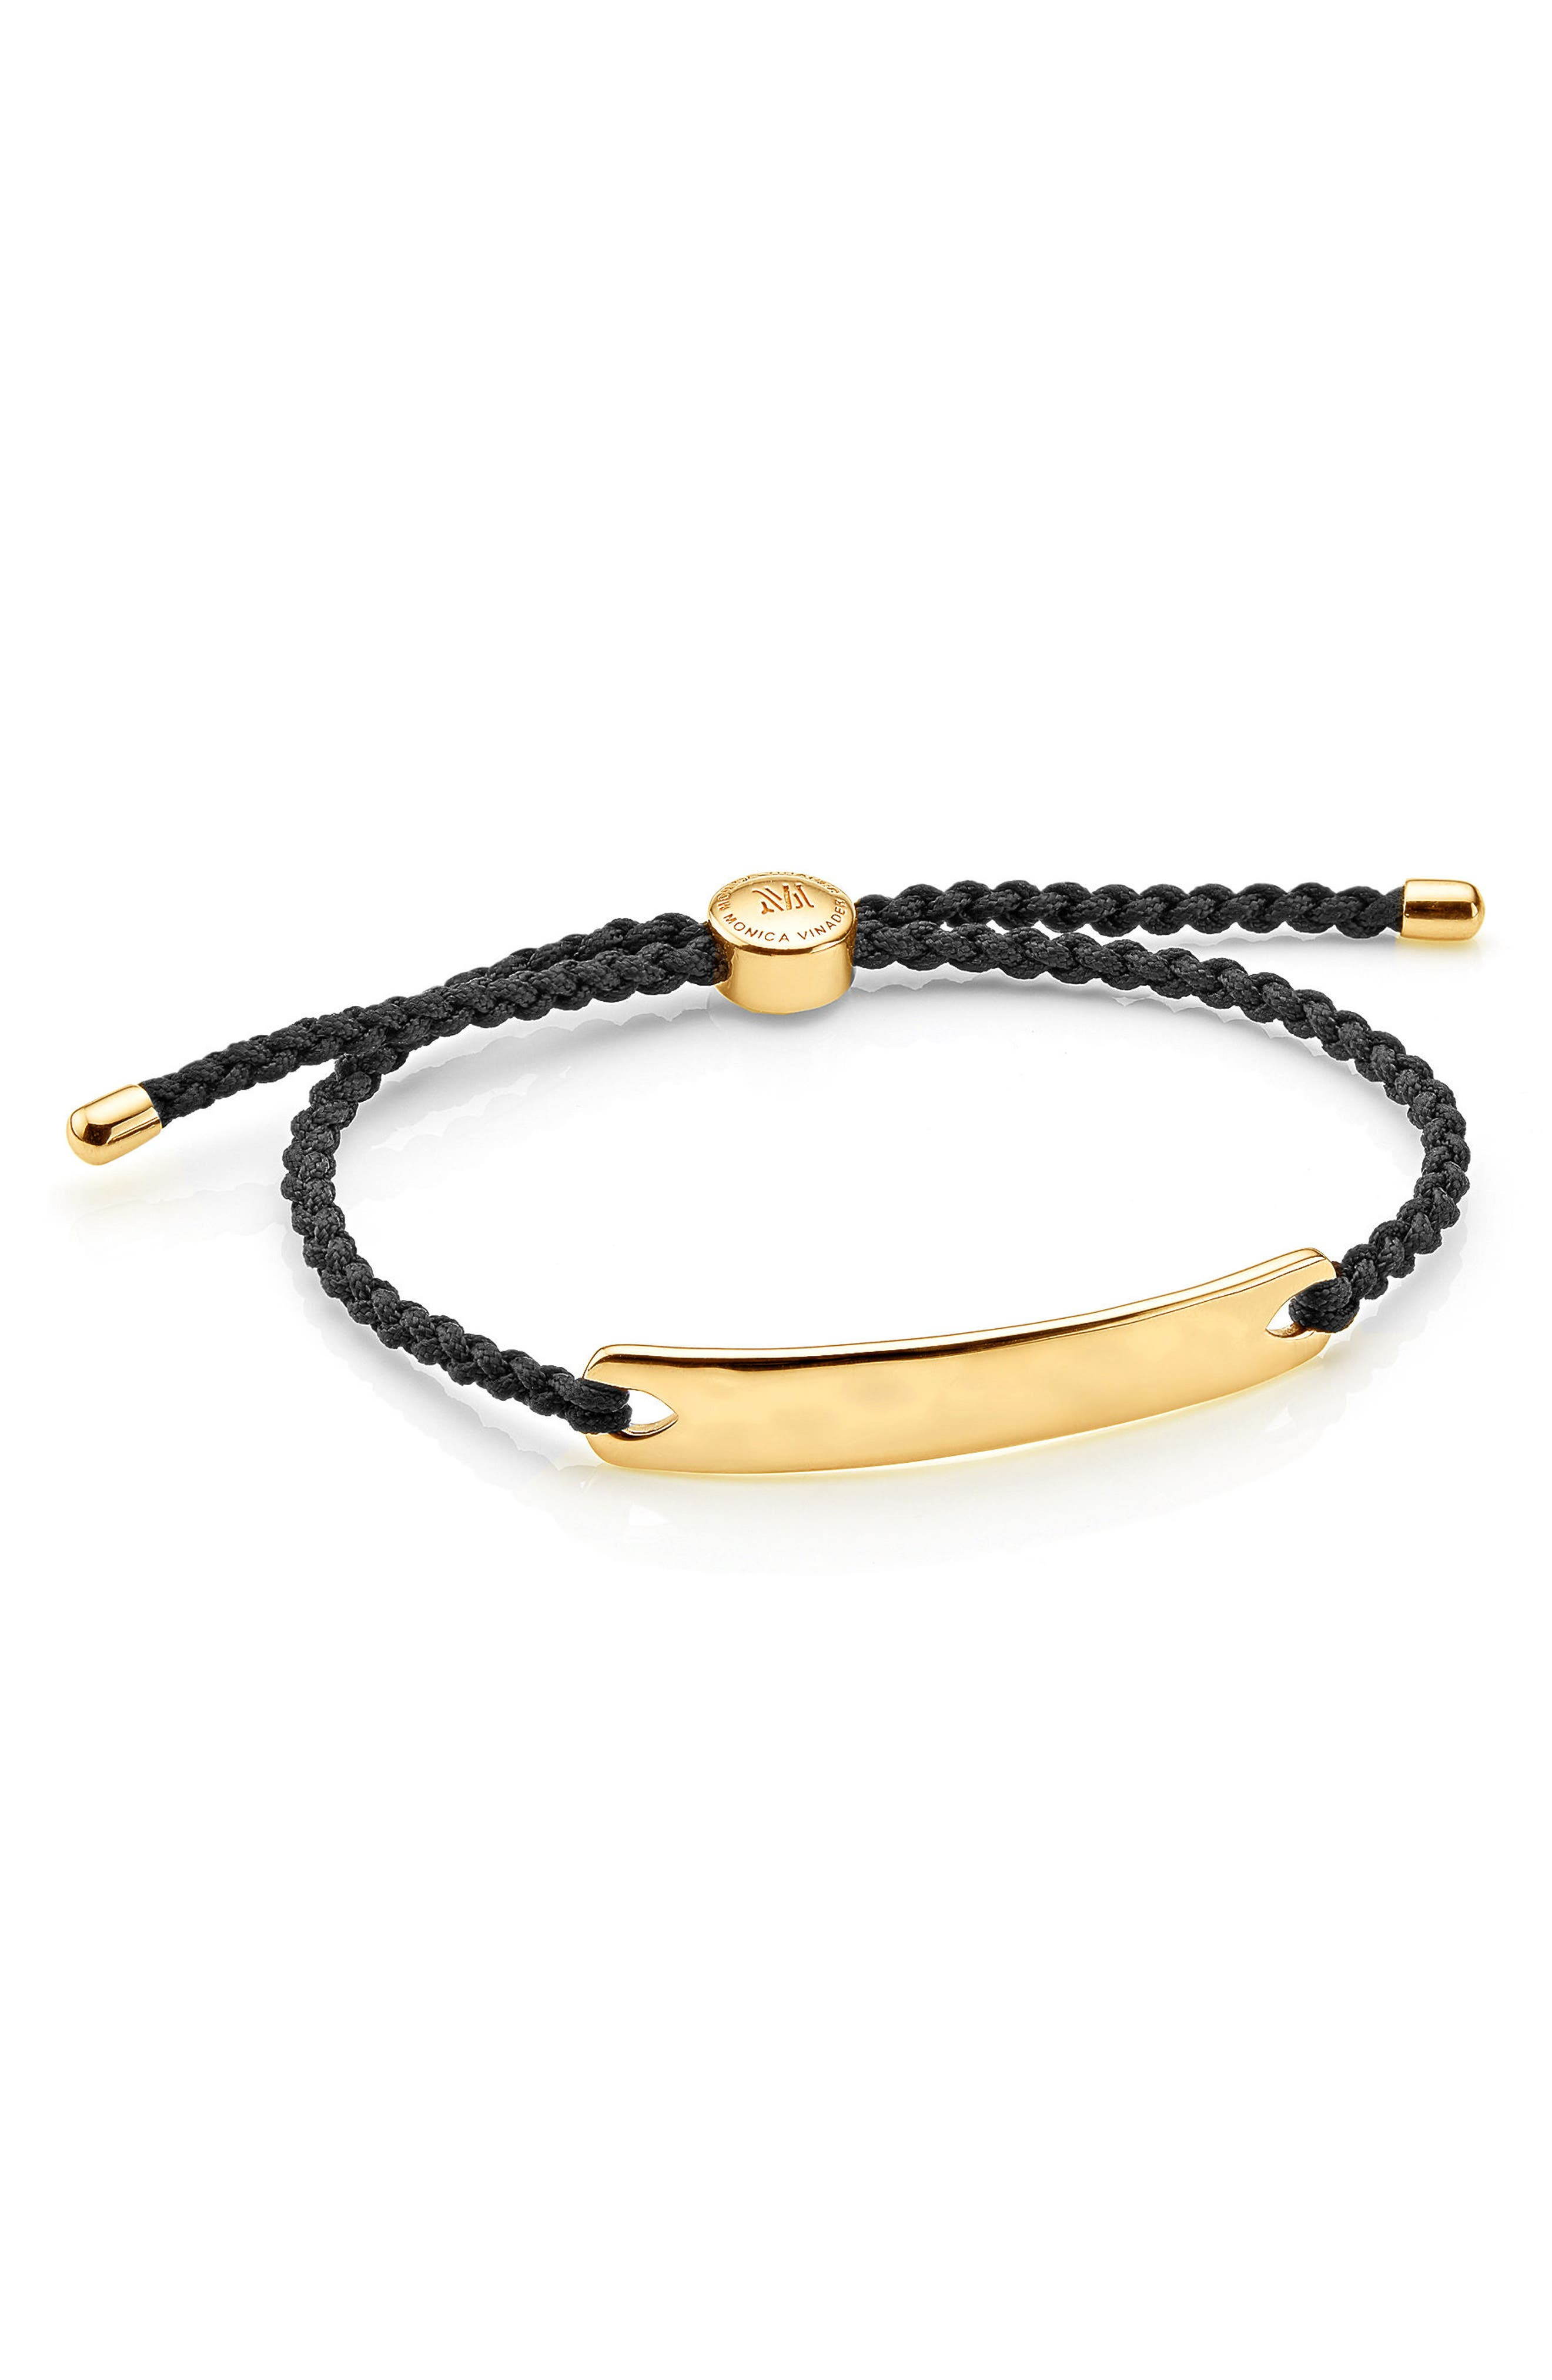 Havana Men's Friendship Bracelet,                         Main,                         color, YELLOW GOLD